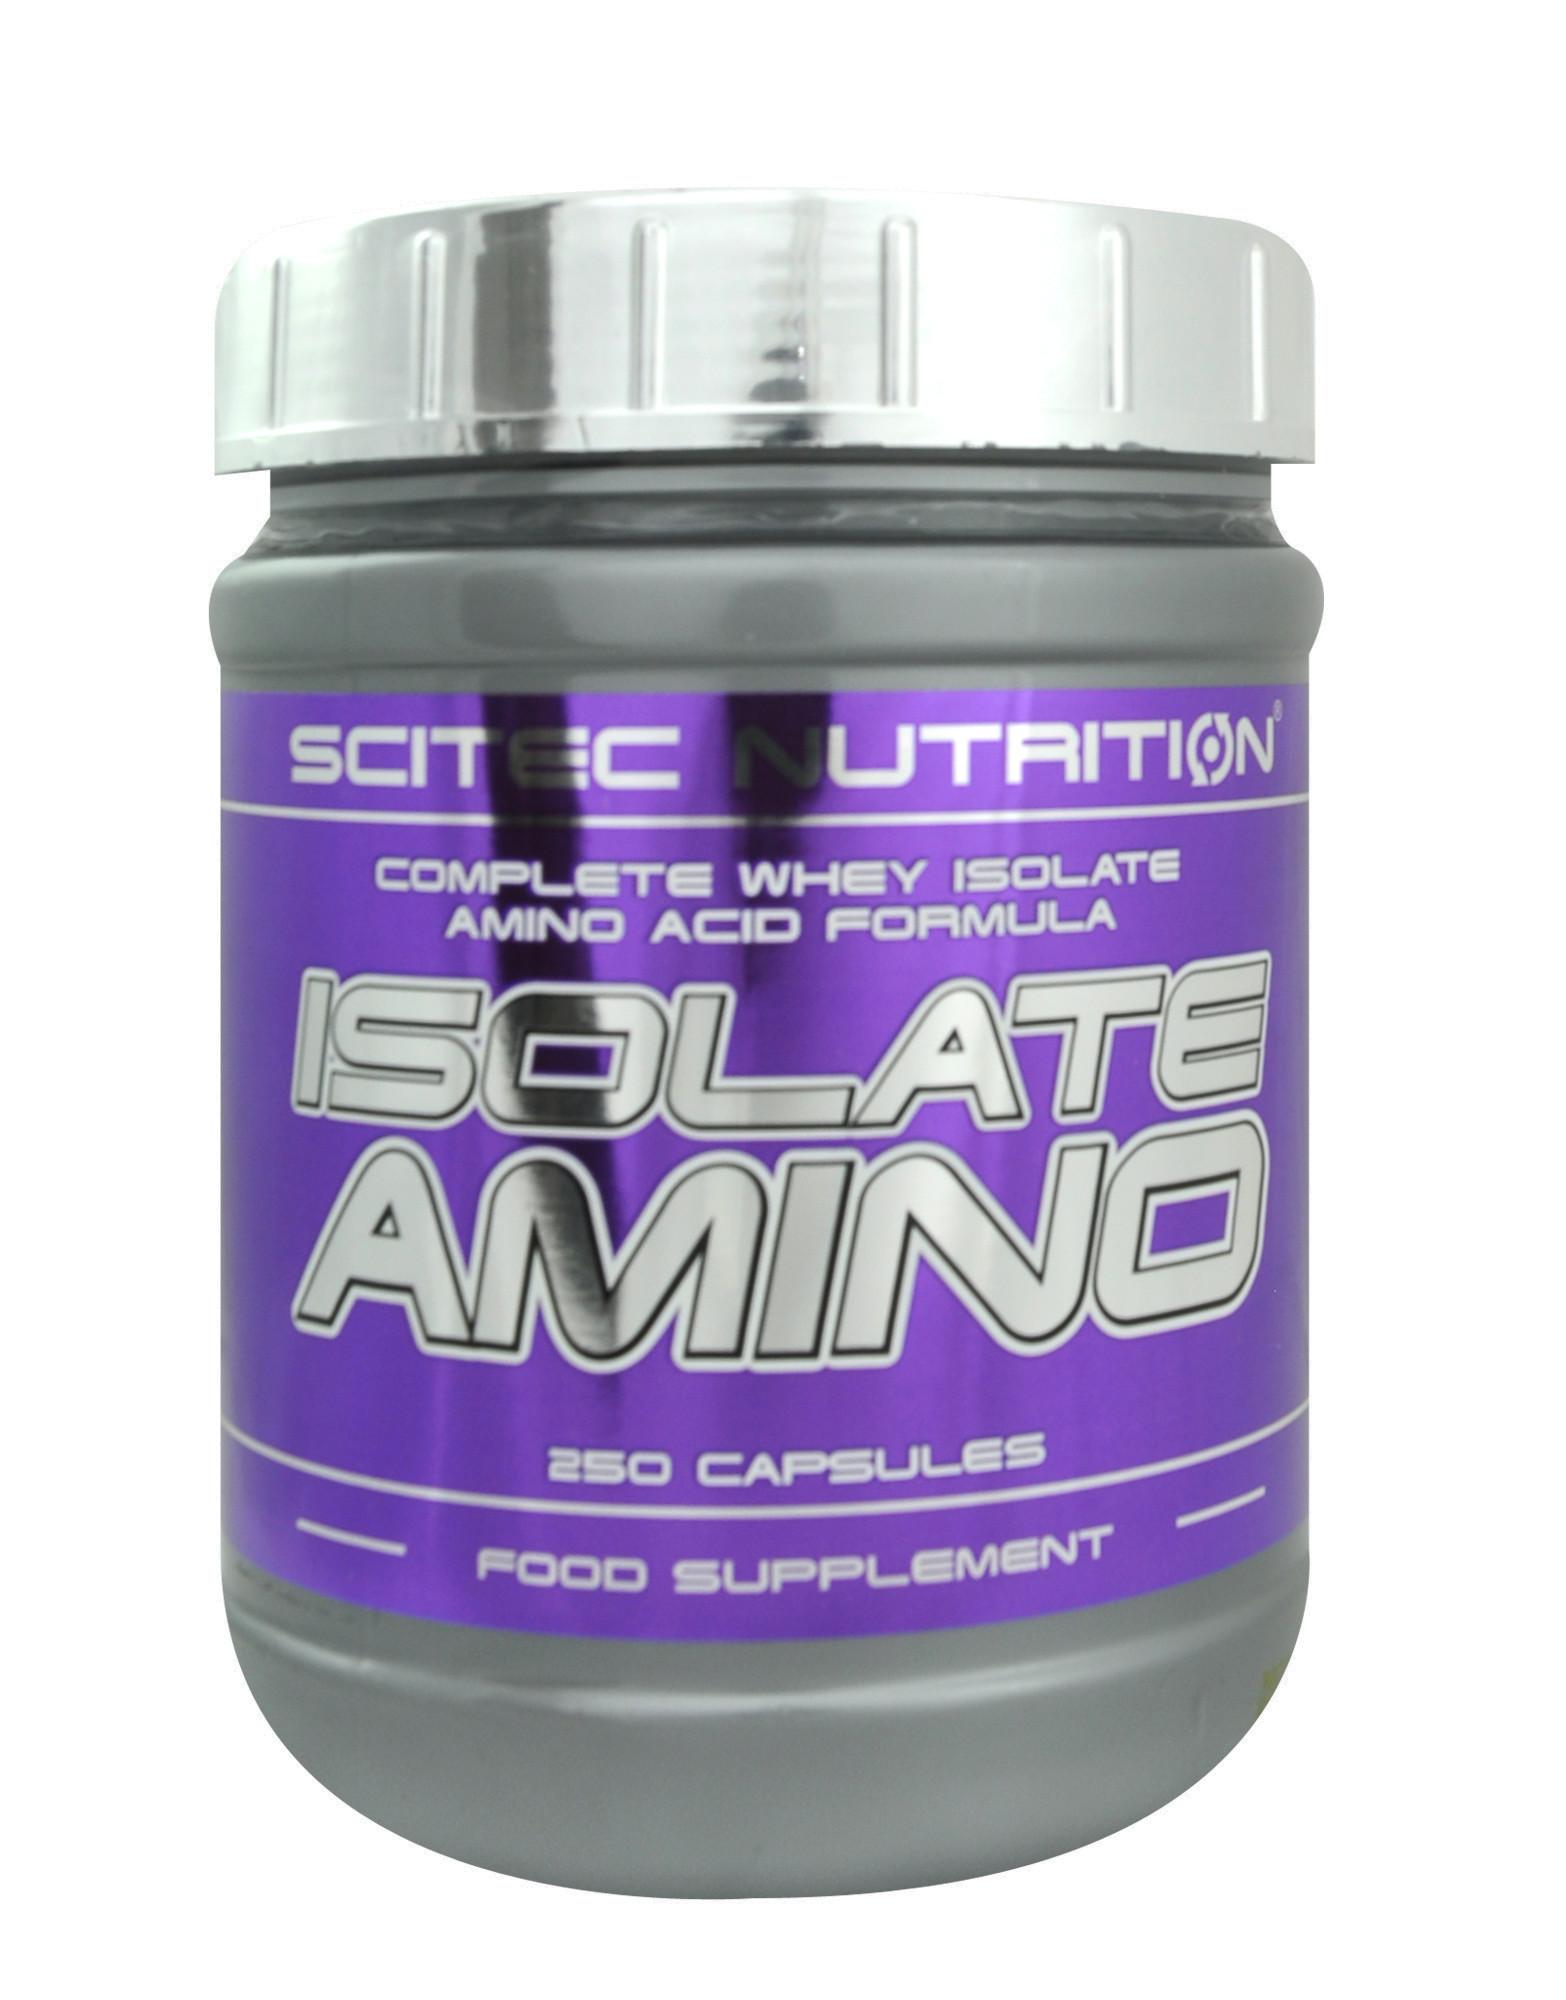 250 Caps Scitec Nutrition Whey Isolate Amino Acid Capsules